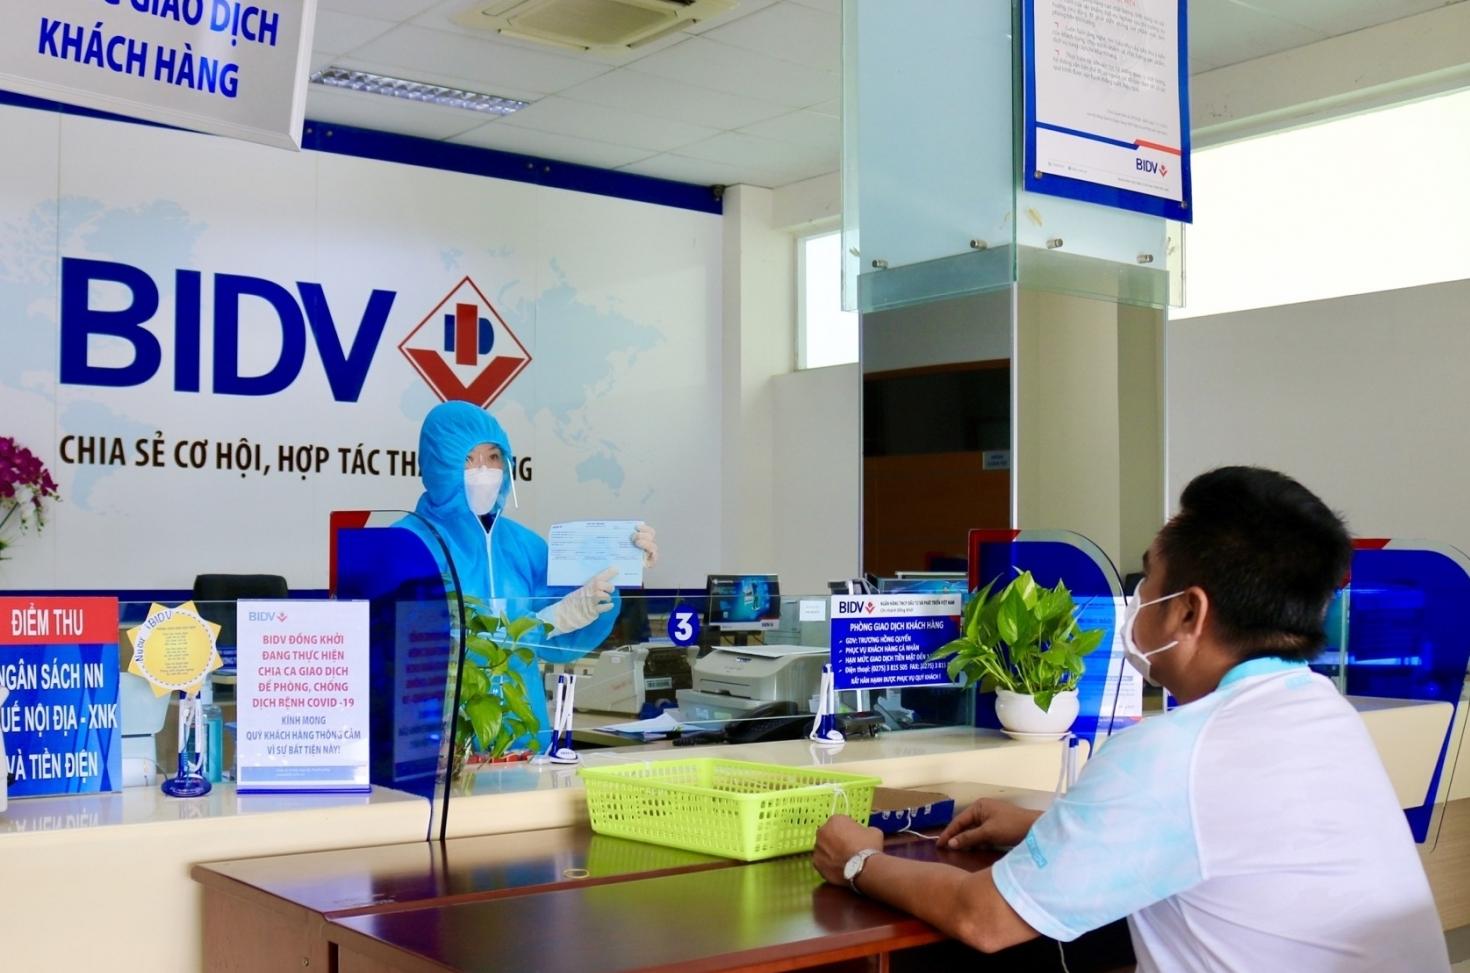 """BIDV triển khai dịch vụ đặc biệt """"Đồng hành cùng ngành y, chung tay vượt đại dịch"""""""